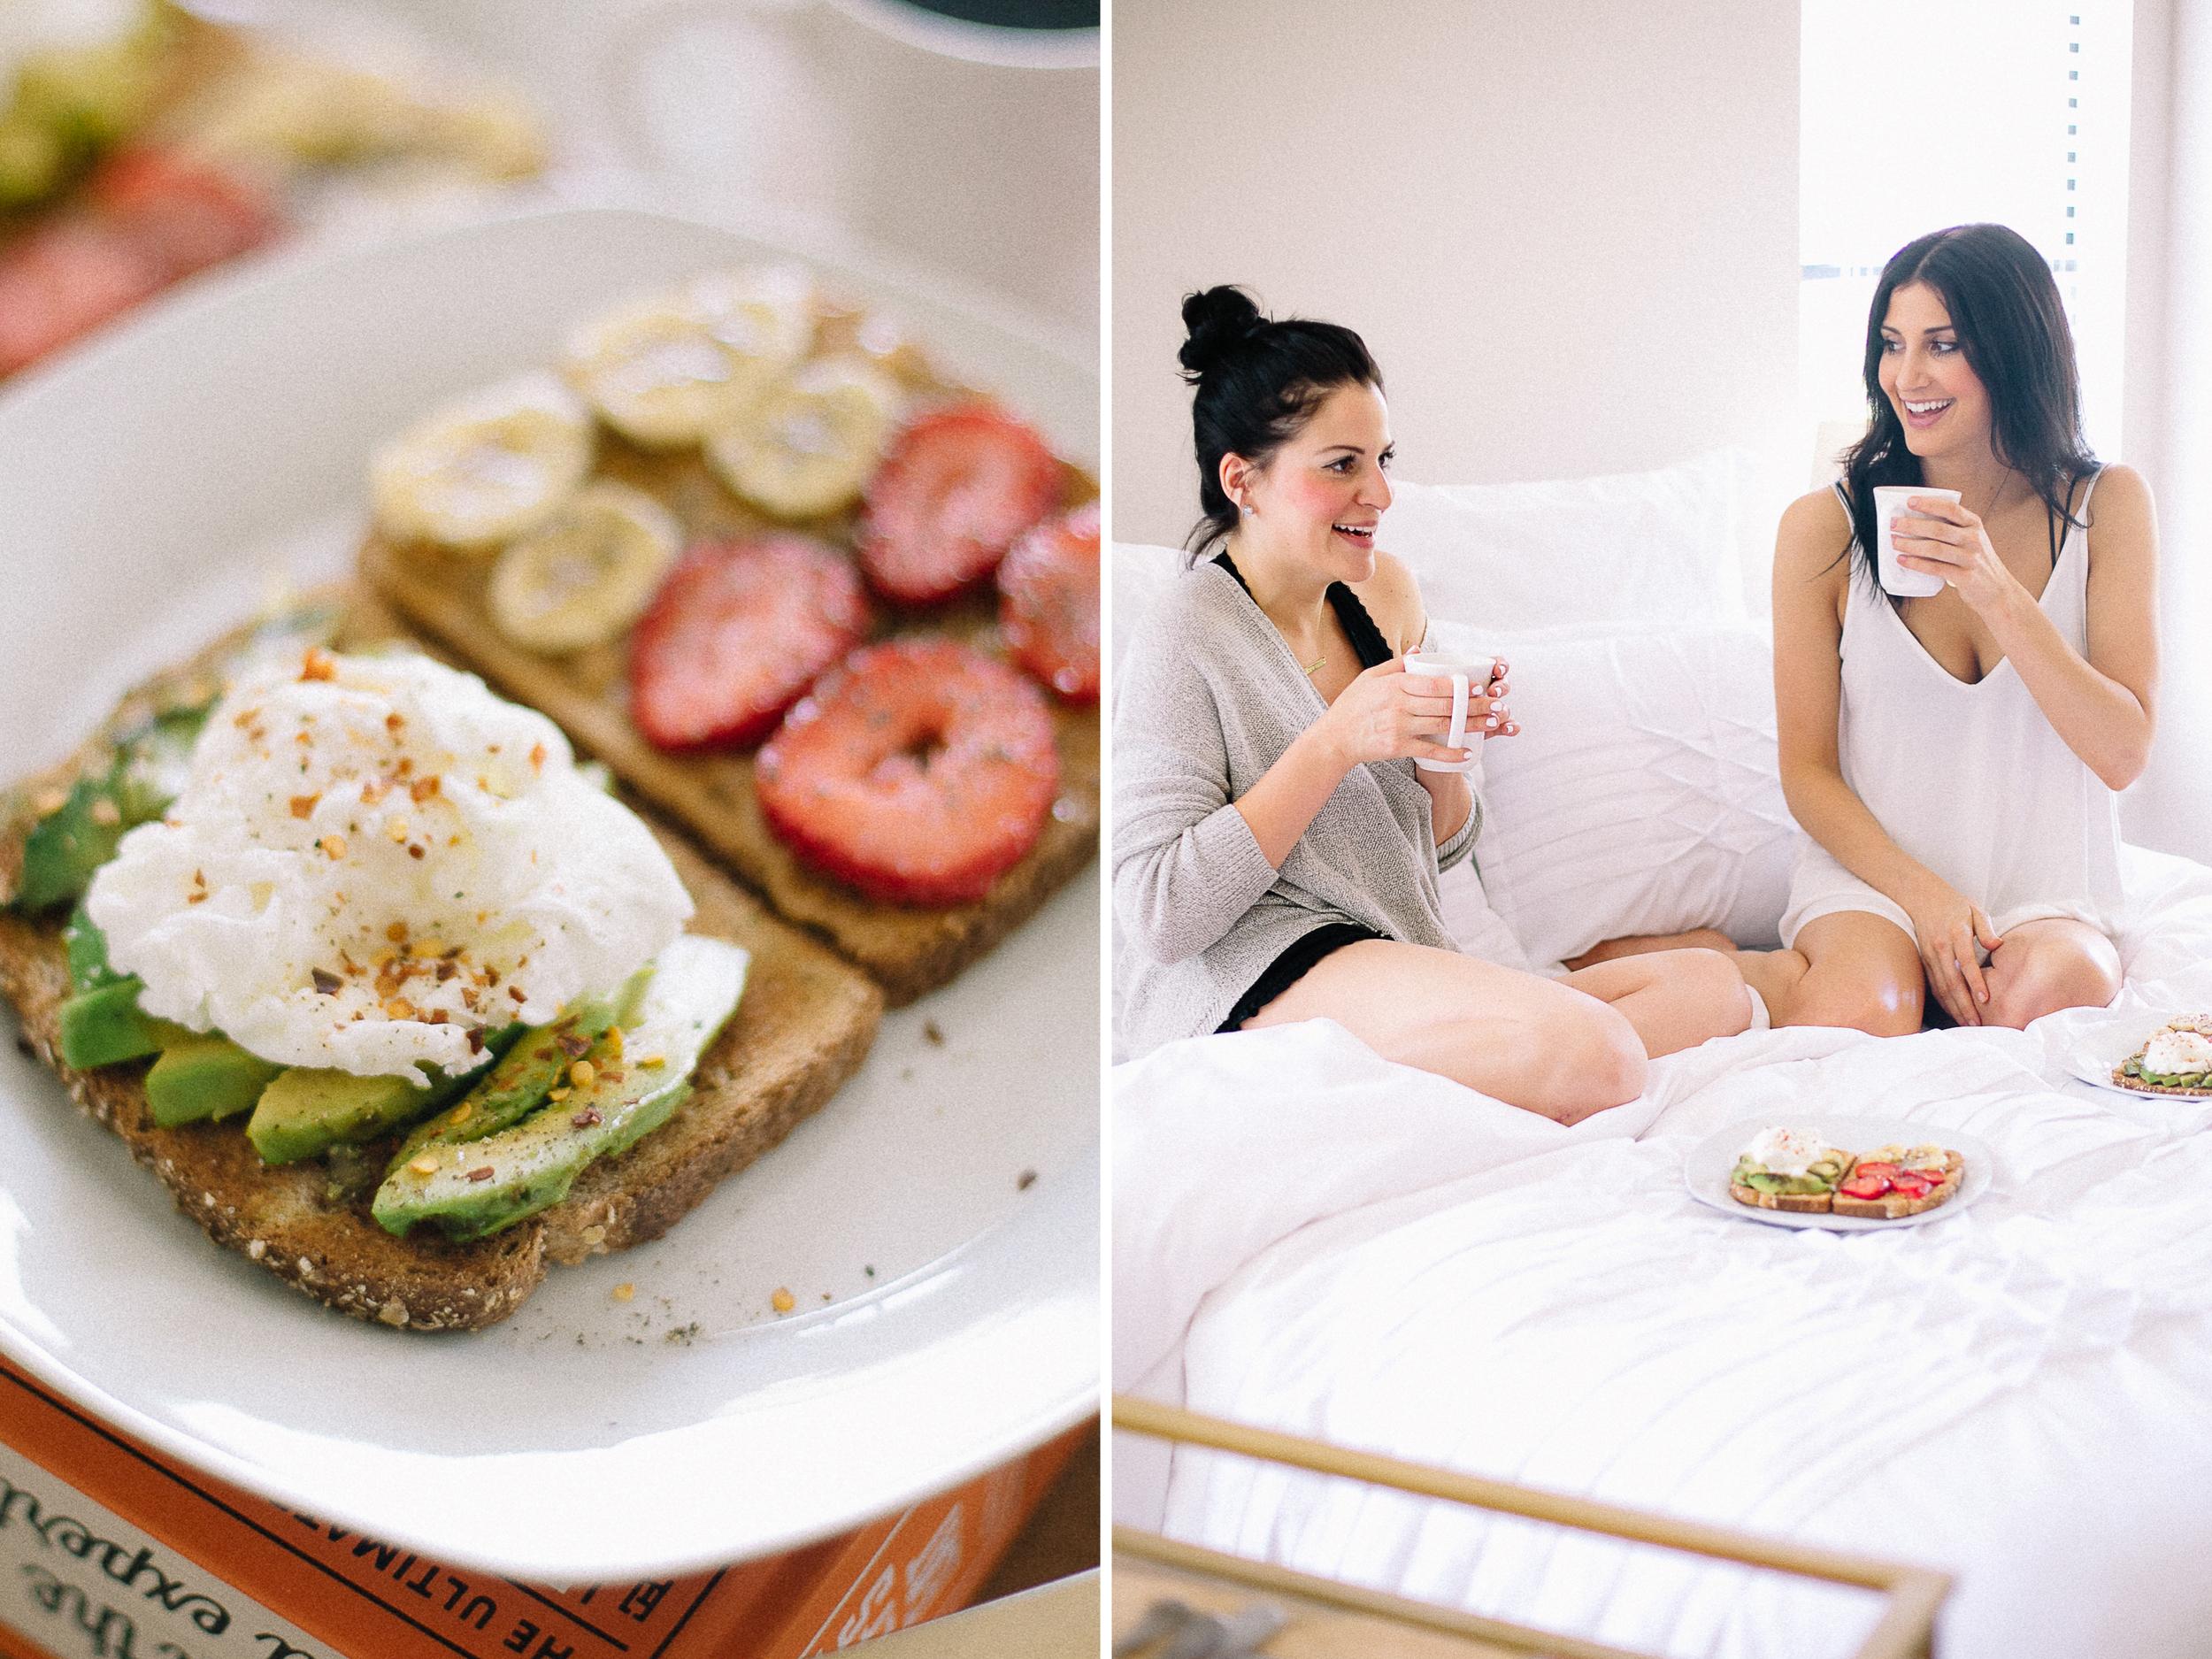 breakfastinbed-18.jpg